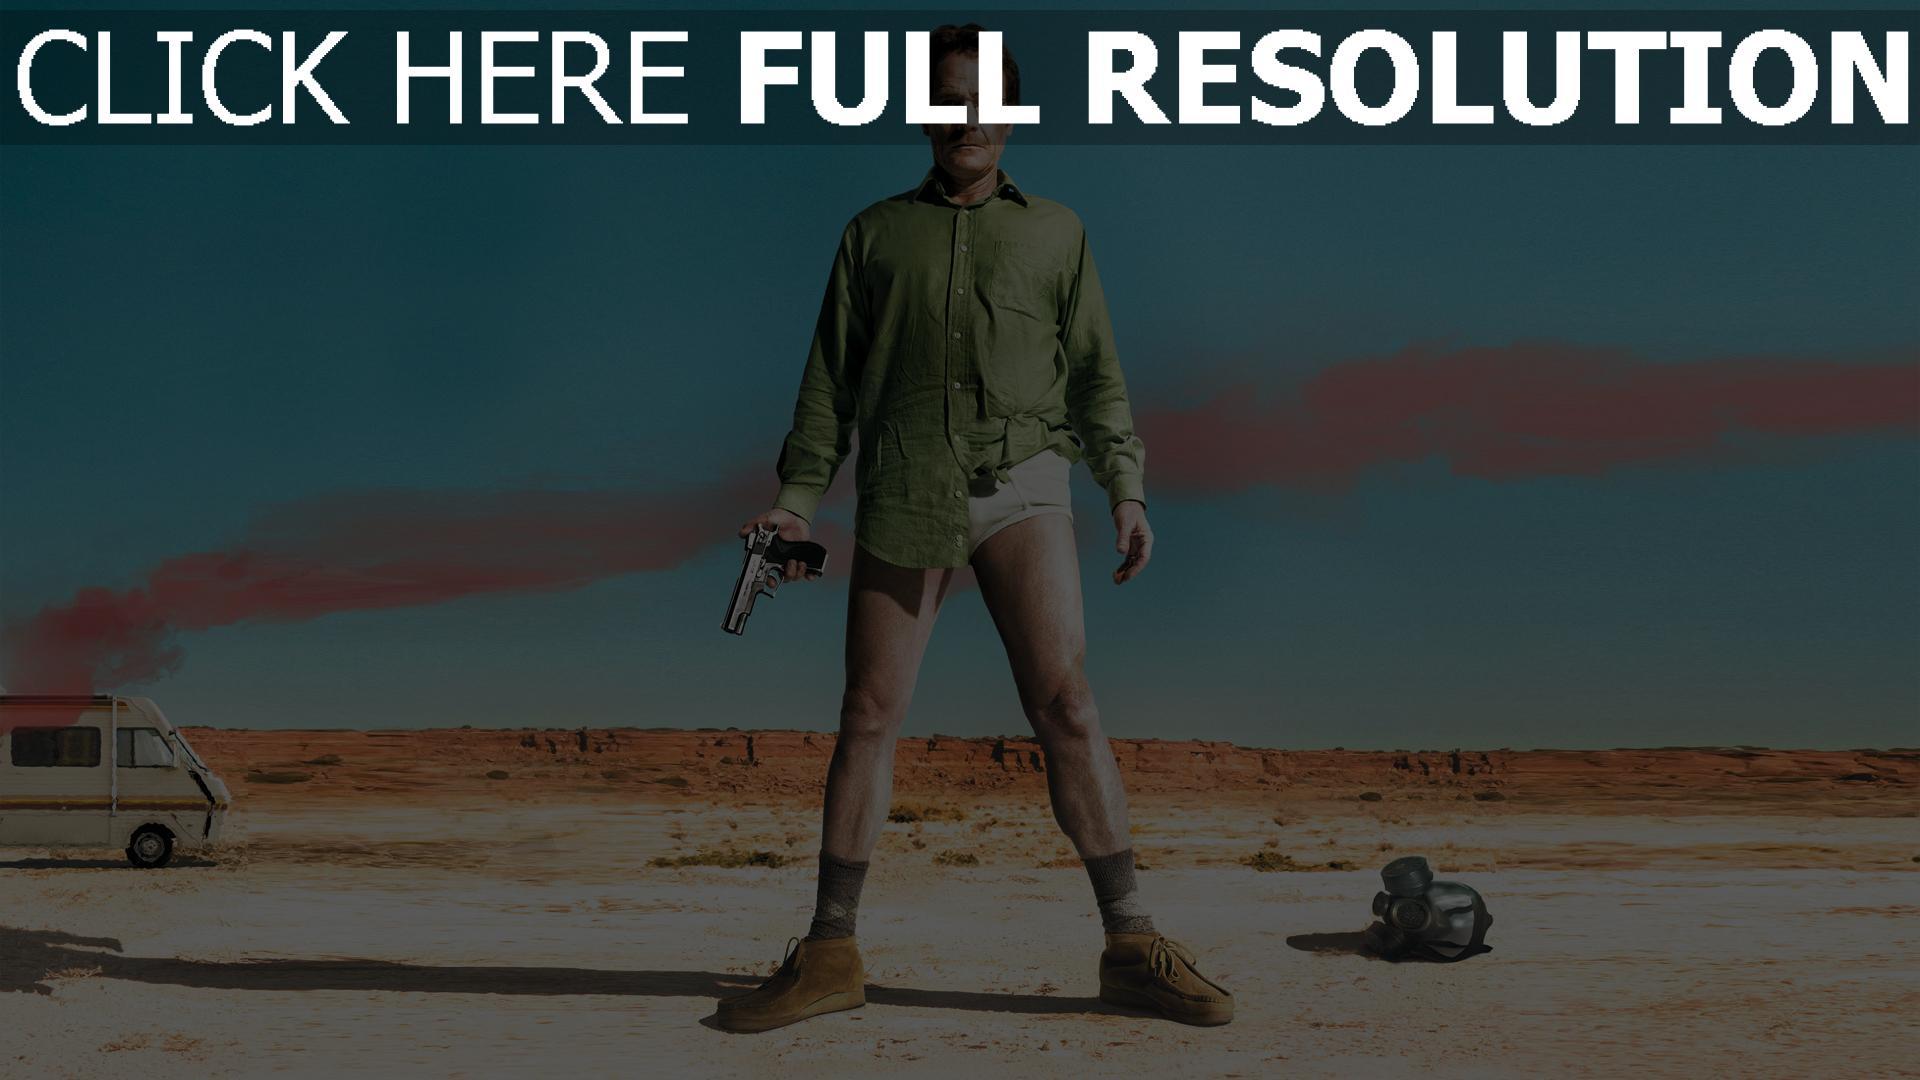 Fond Décran Hd Breaking Bad Desert Walter White Chemise Pistolet